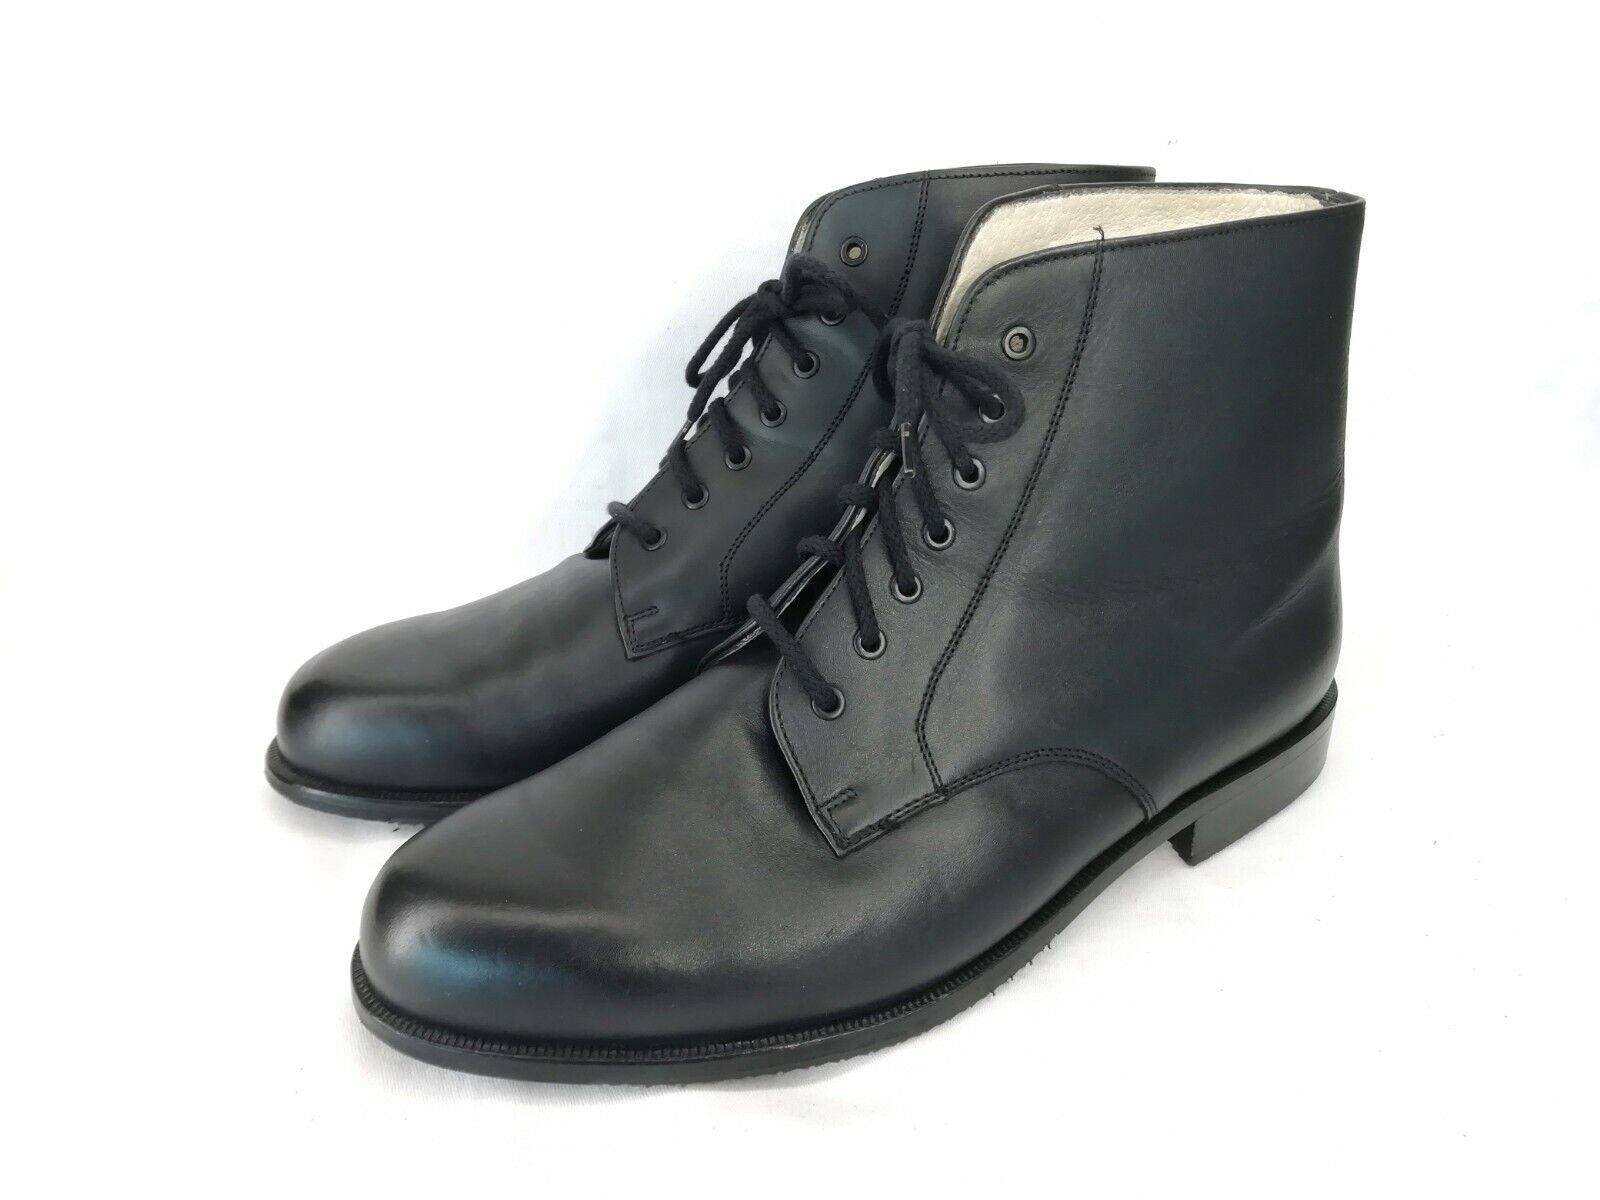 ORNIG Stiefel Vintage Herrenstiefel Stiefeletten Schwarz Leder Gr. 42 NEUWERTIG